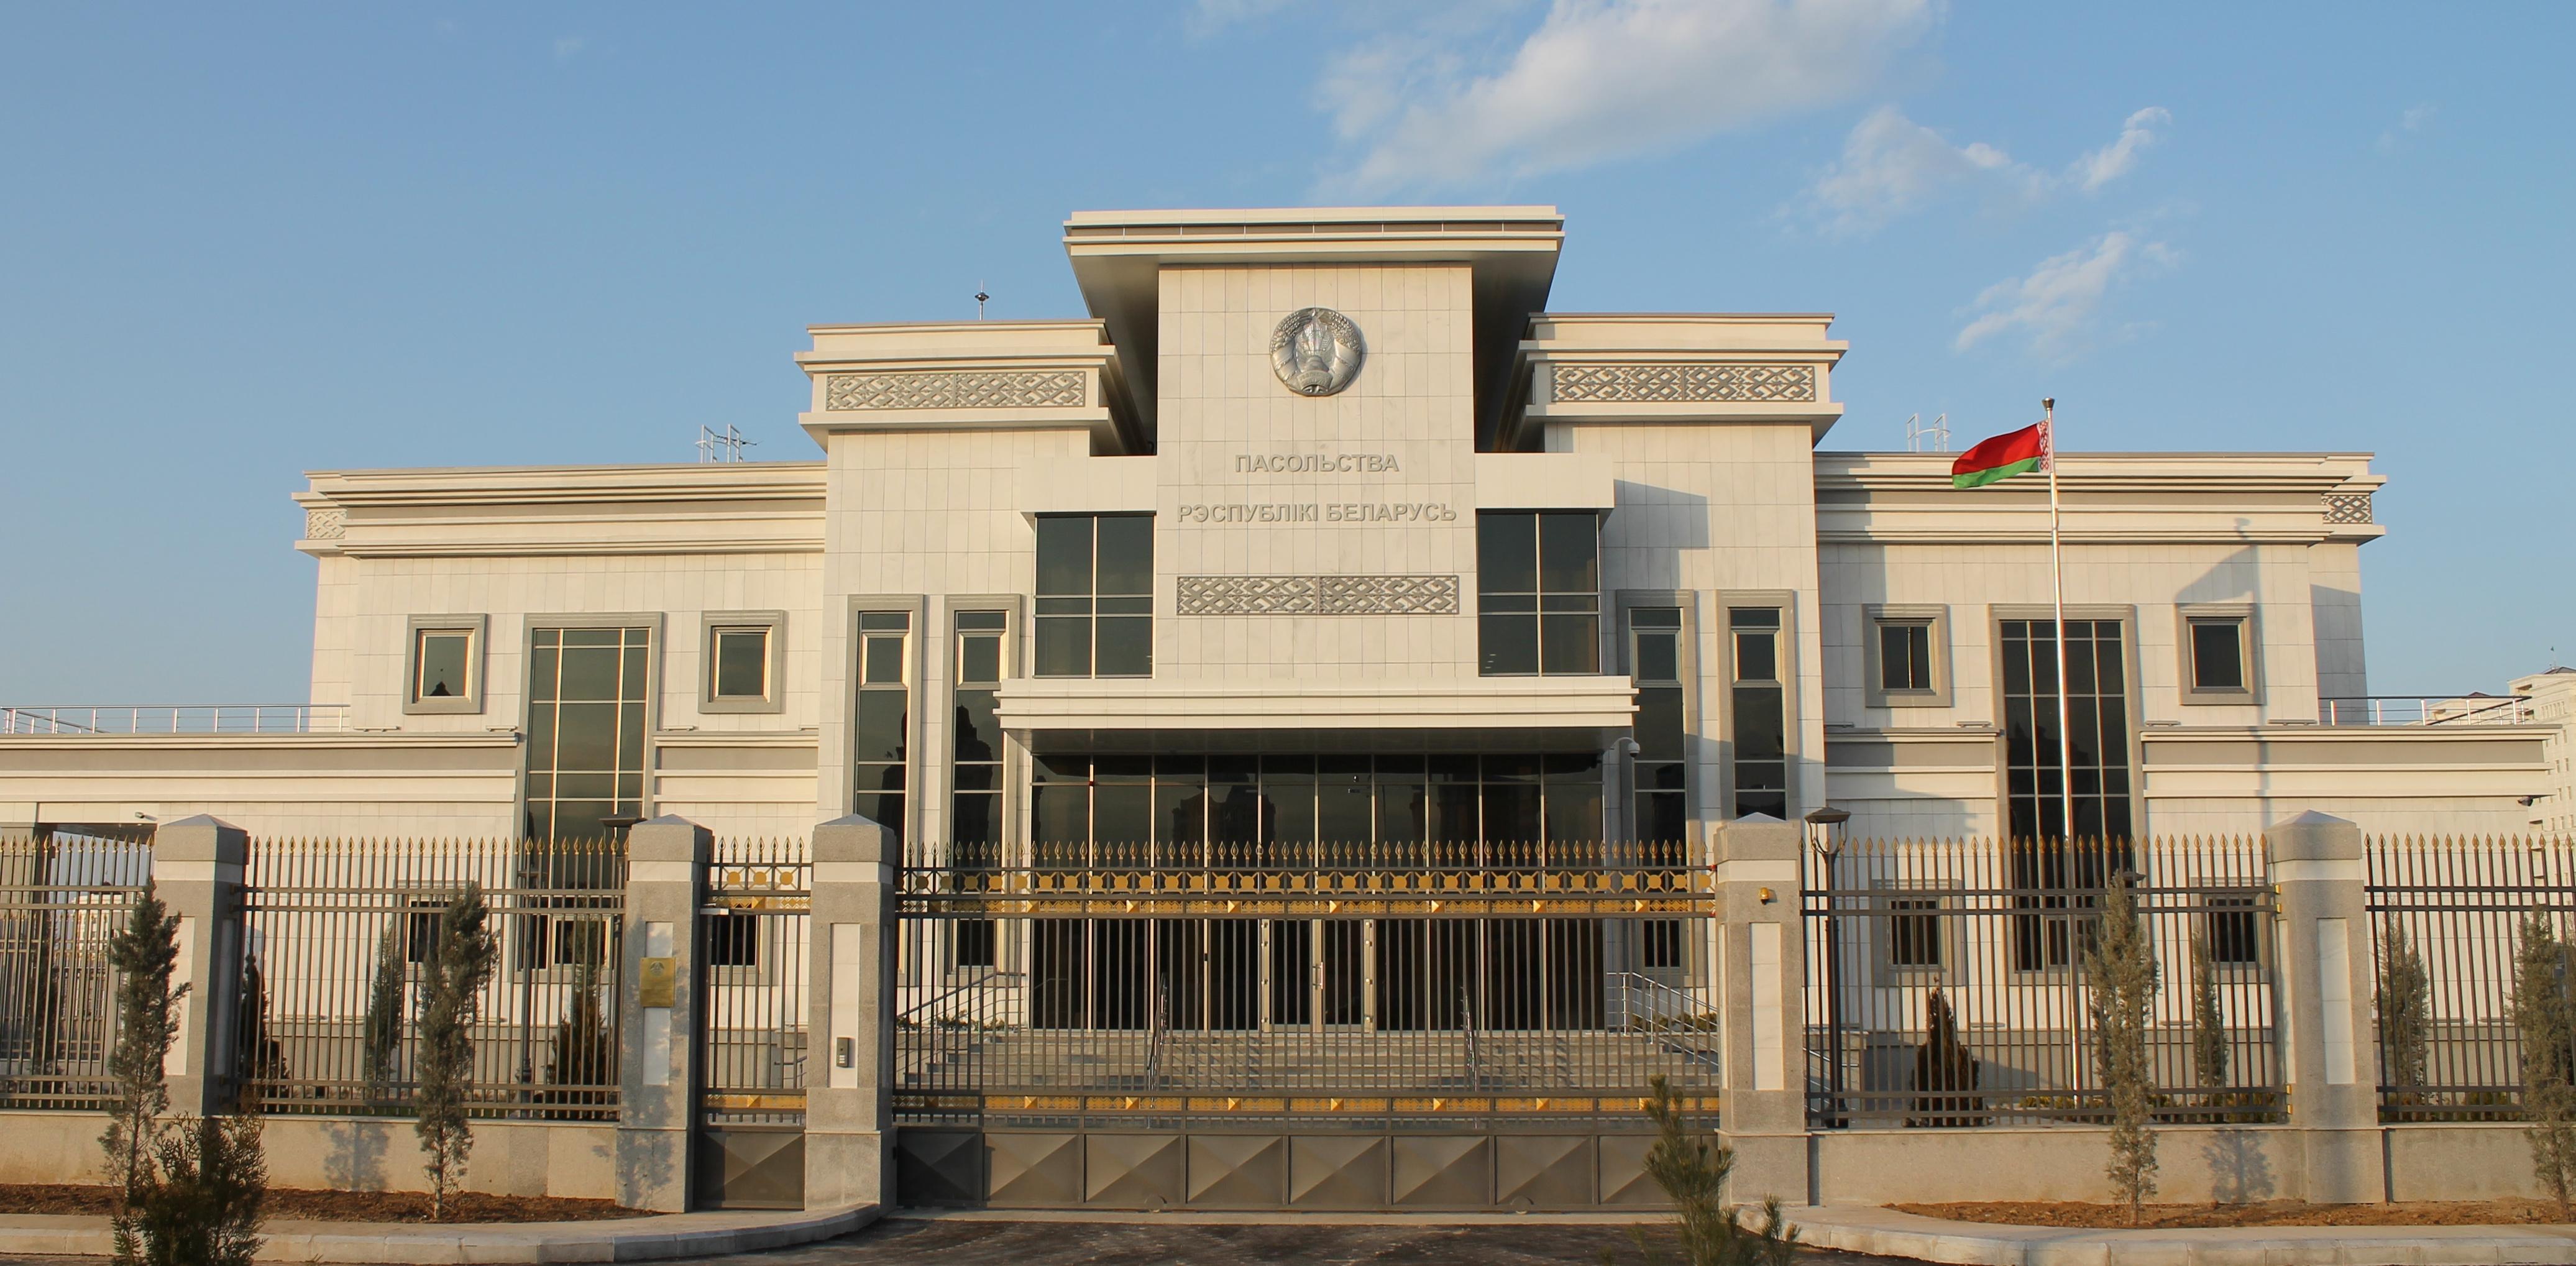 Работа в российском посольстве в турции какие процентные вклады в оаэ